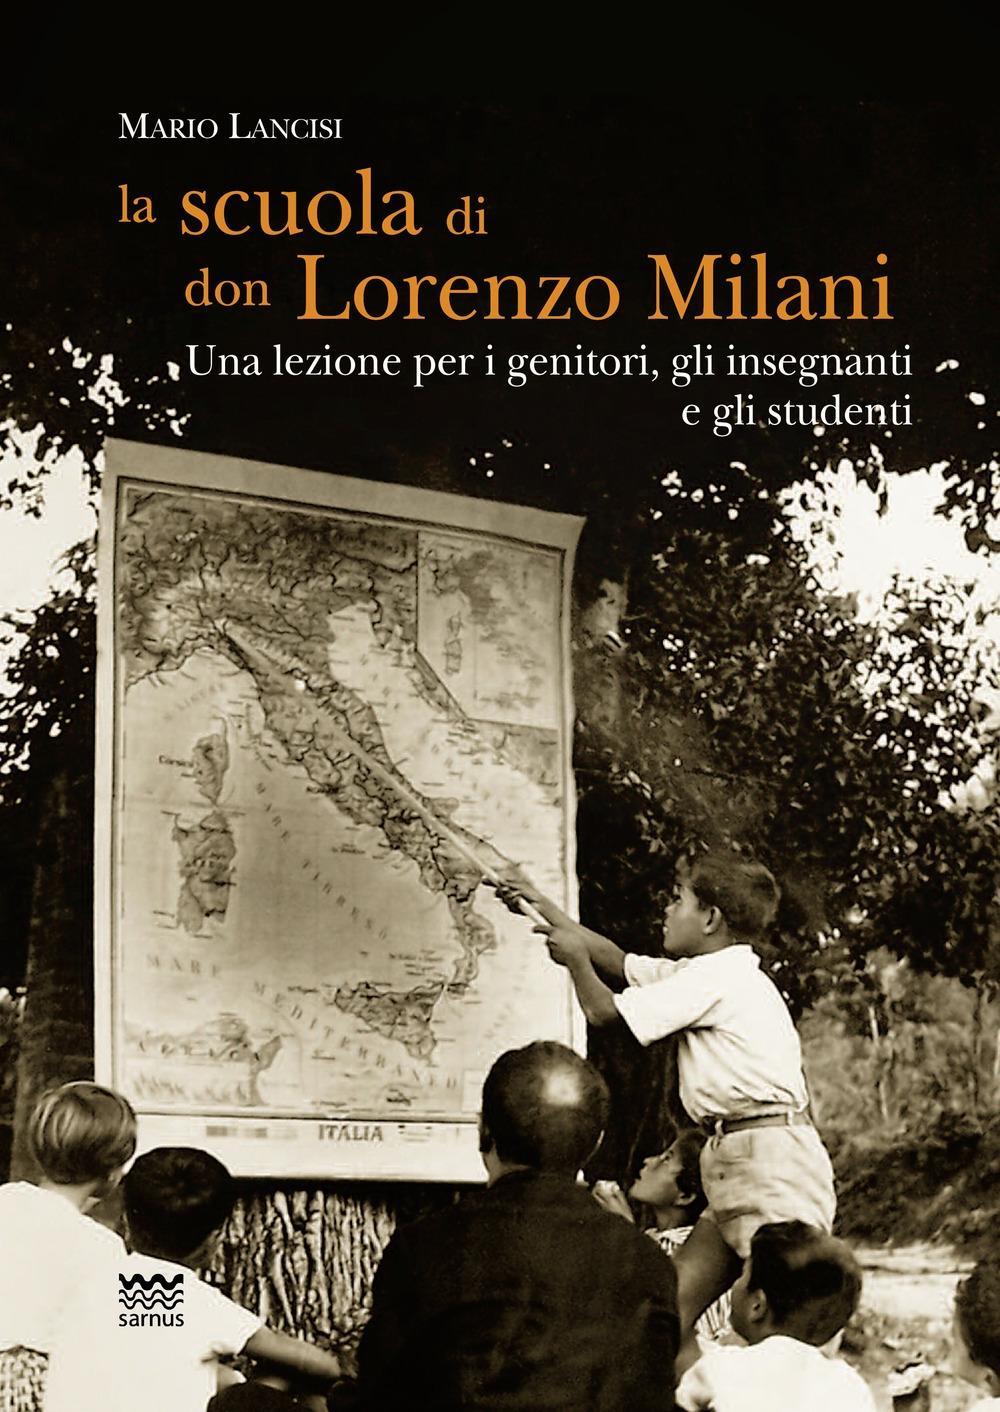 La scuola di don Lorenzo Milani